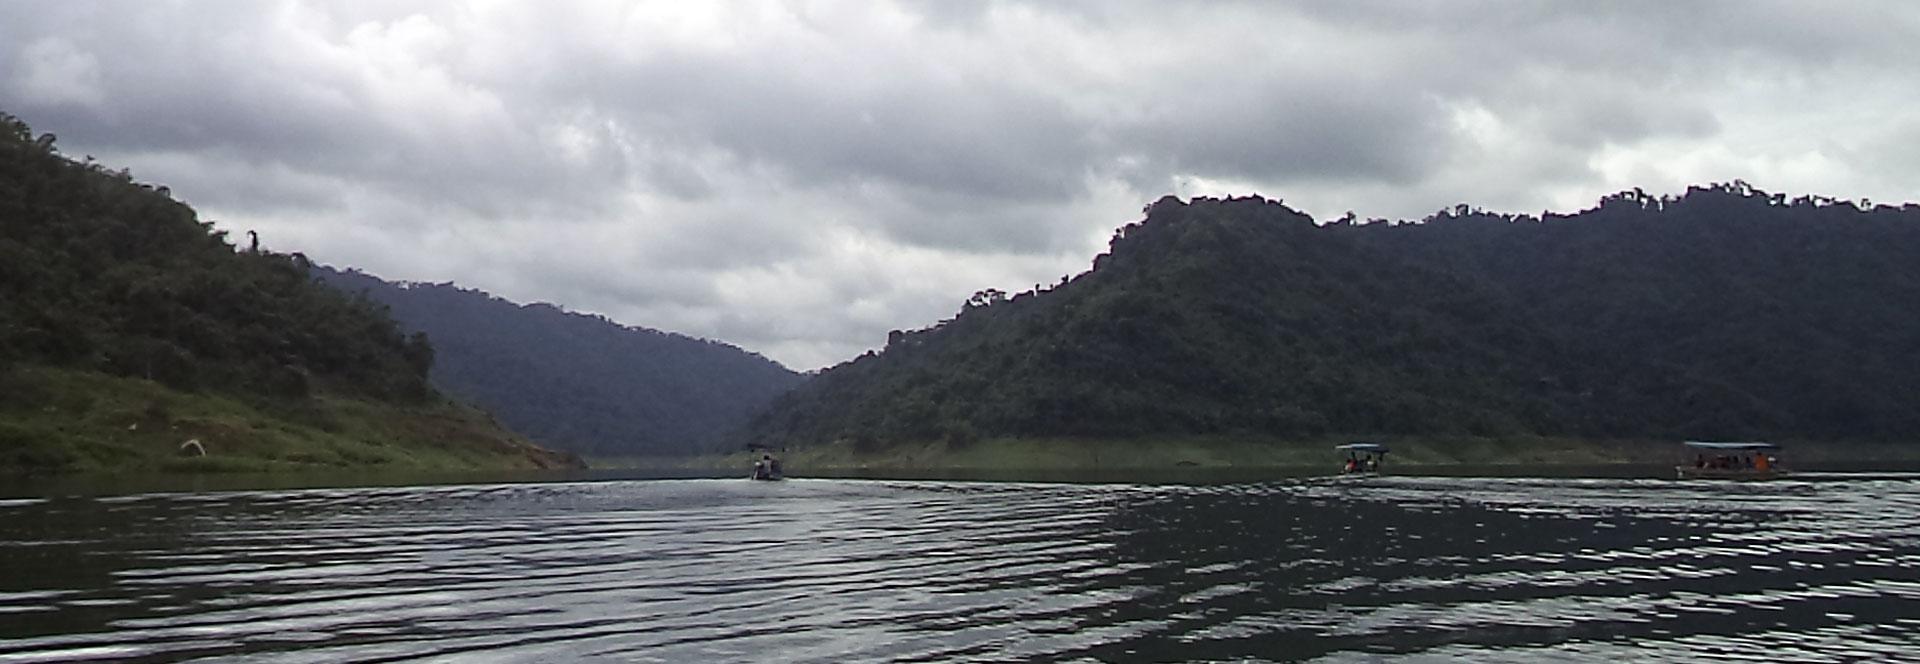 ล่องเรือชมธรรมชาติ